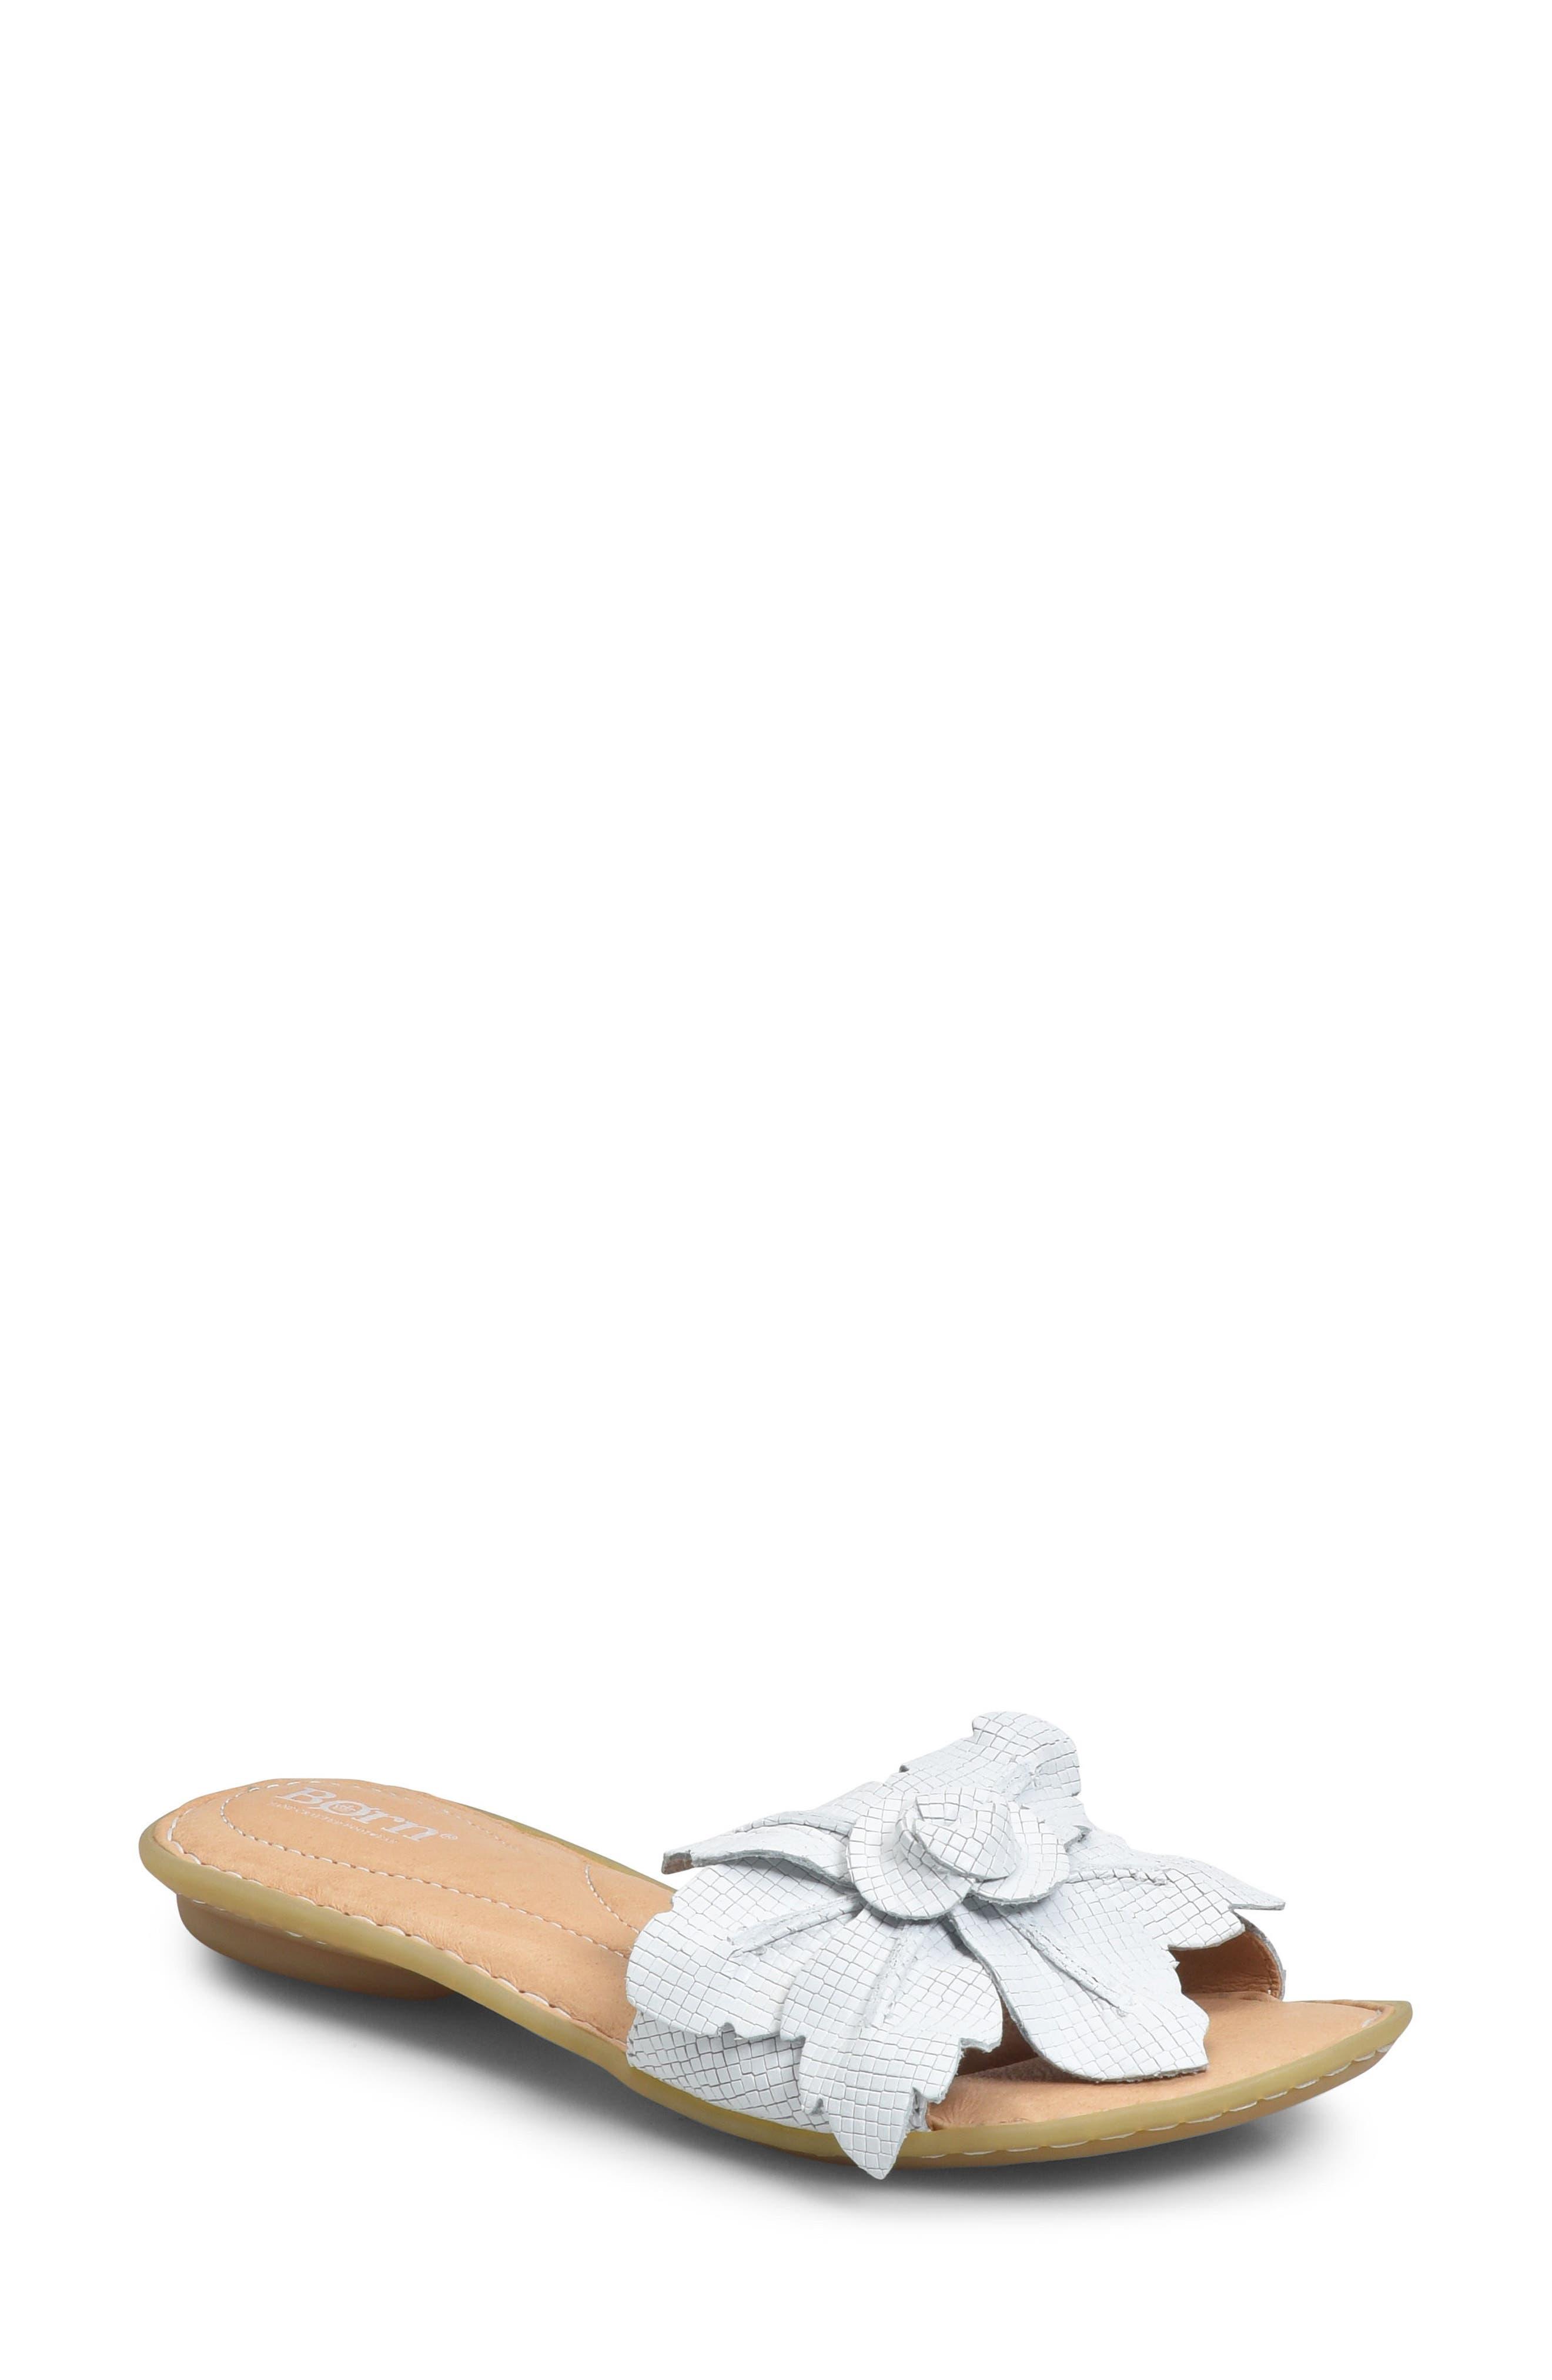 B?rn Mai Floral Sandal, White